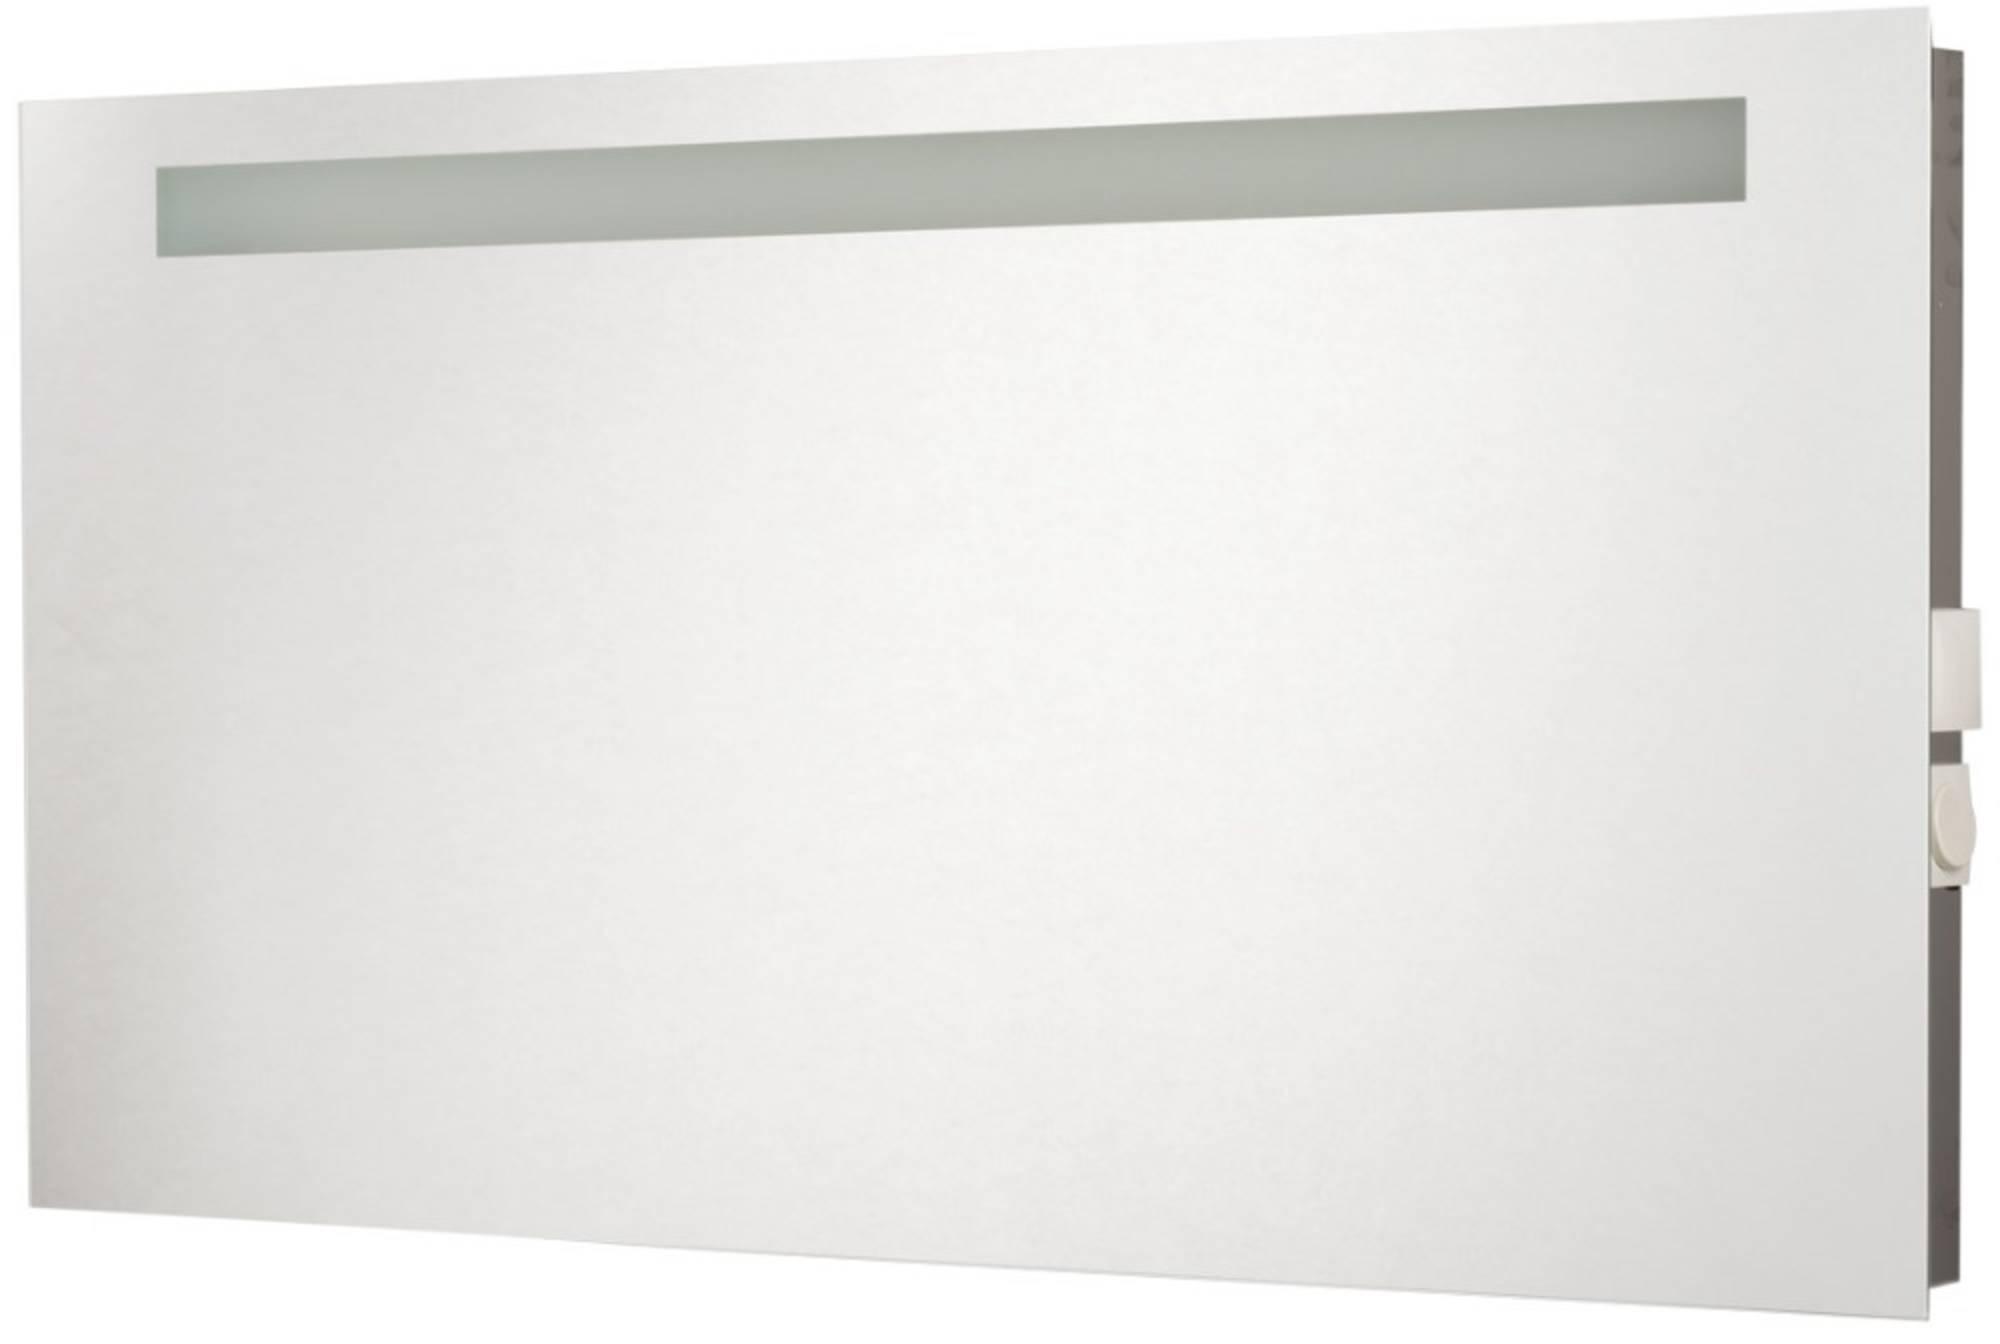 Ben Vario Stia spiegel met LED verlichting en stopcontact/schakelaar 80x65cm